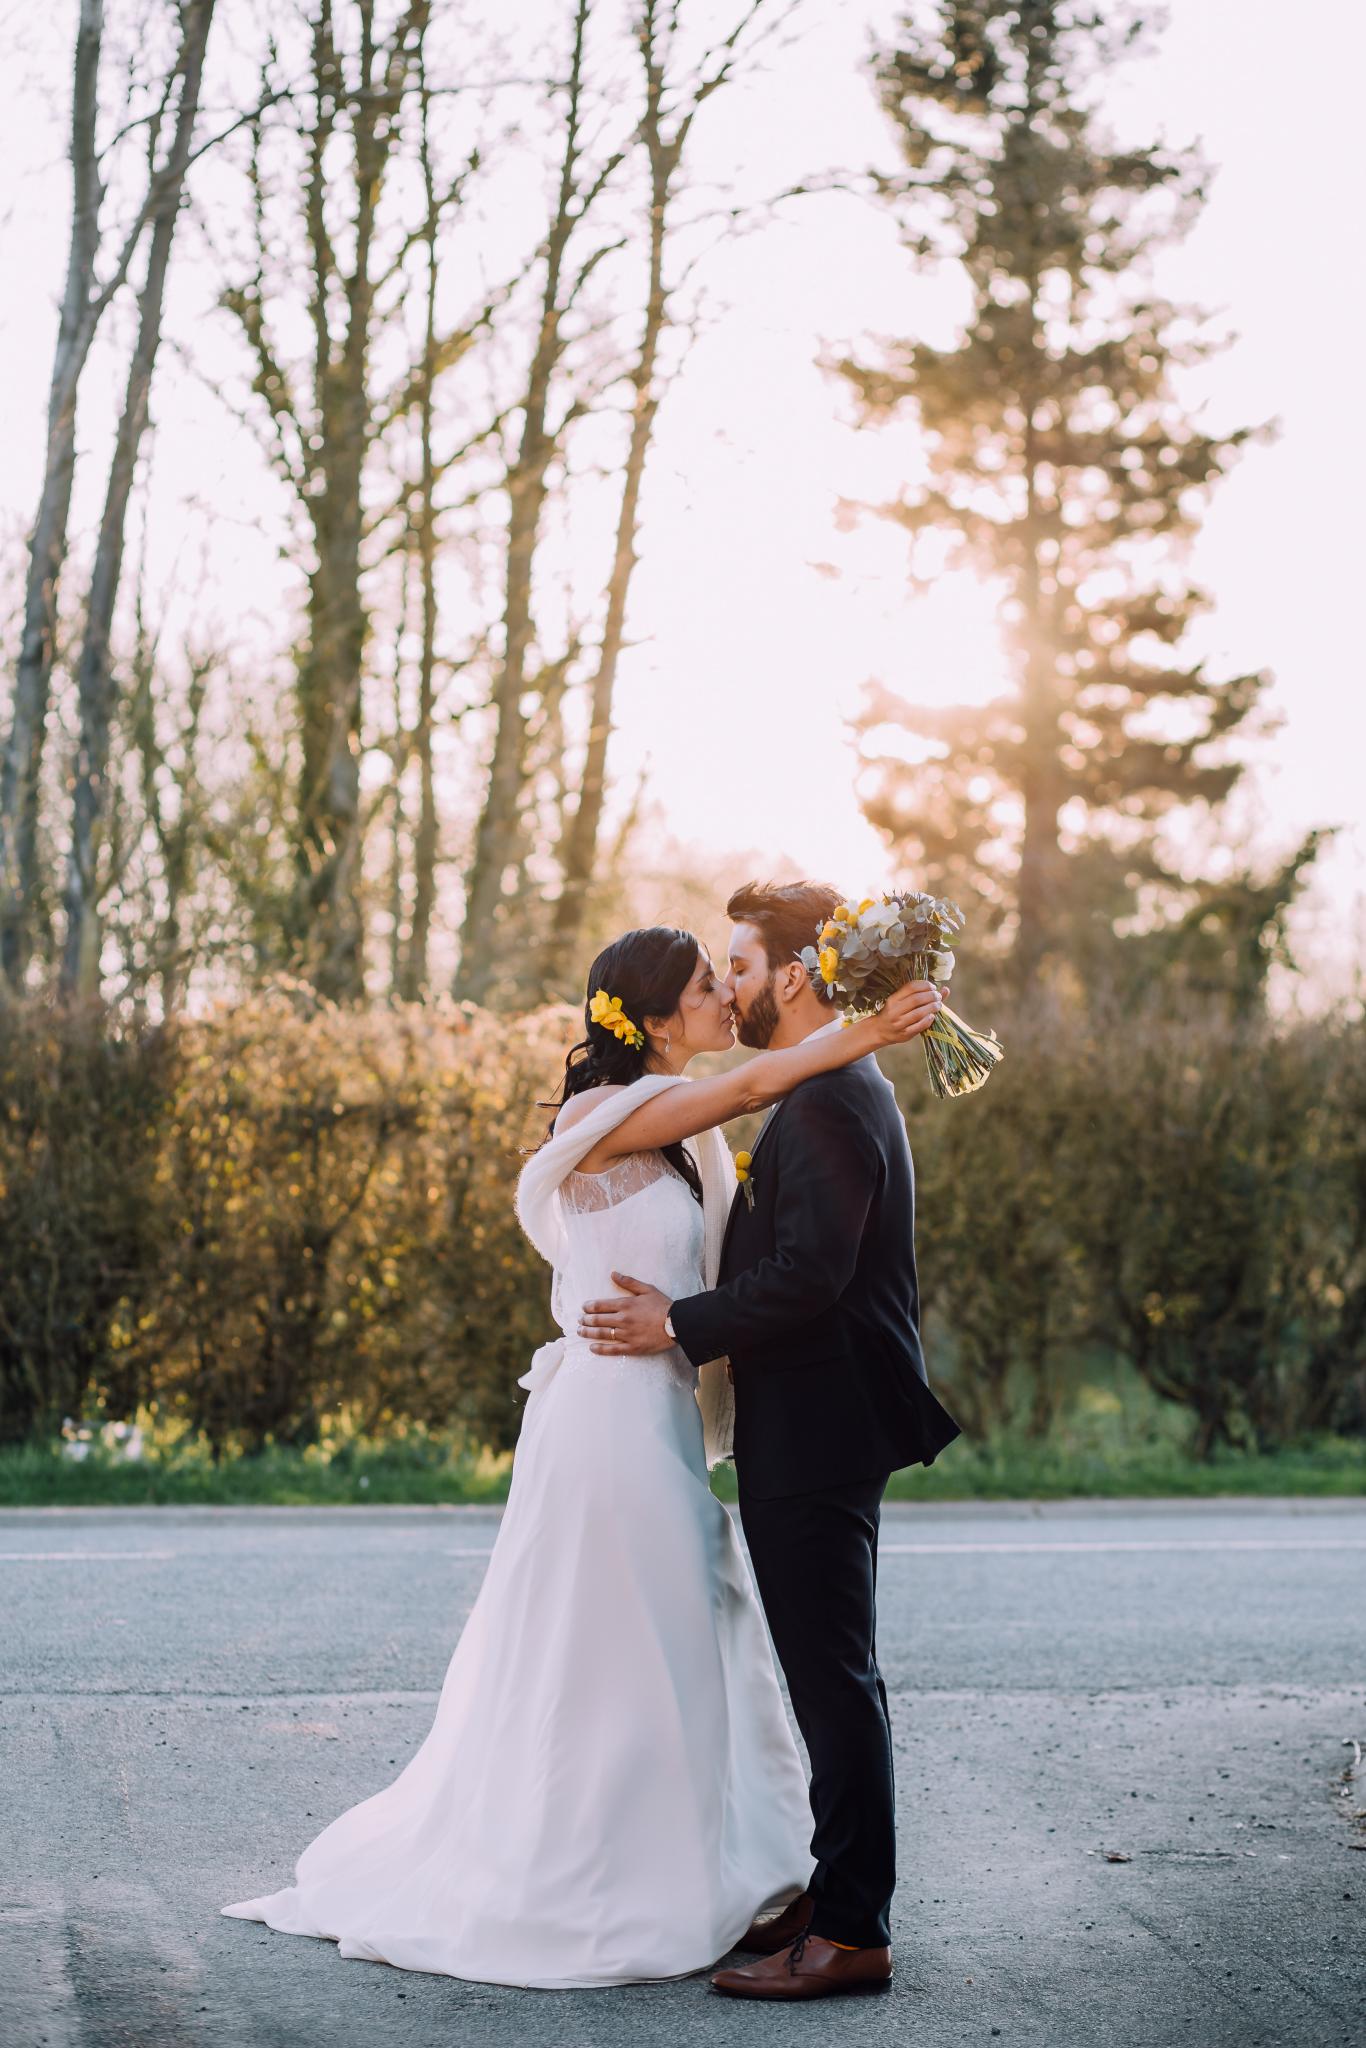 mariage côte d'opale, mariage hauts de france, French Wedding, mariage Domaine de la Traxène, wedding, dixie martin photography, mariage Dixie Martin